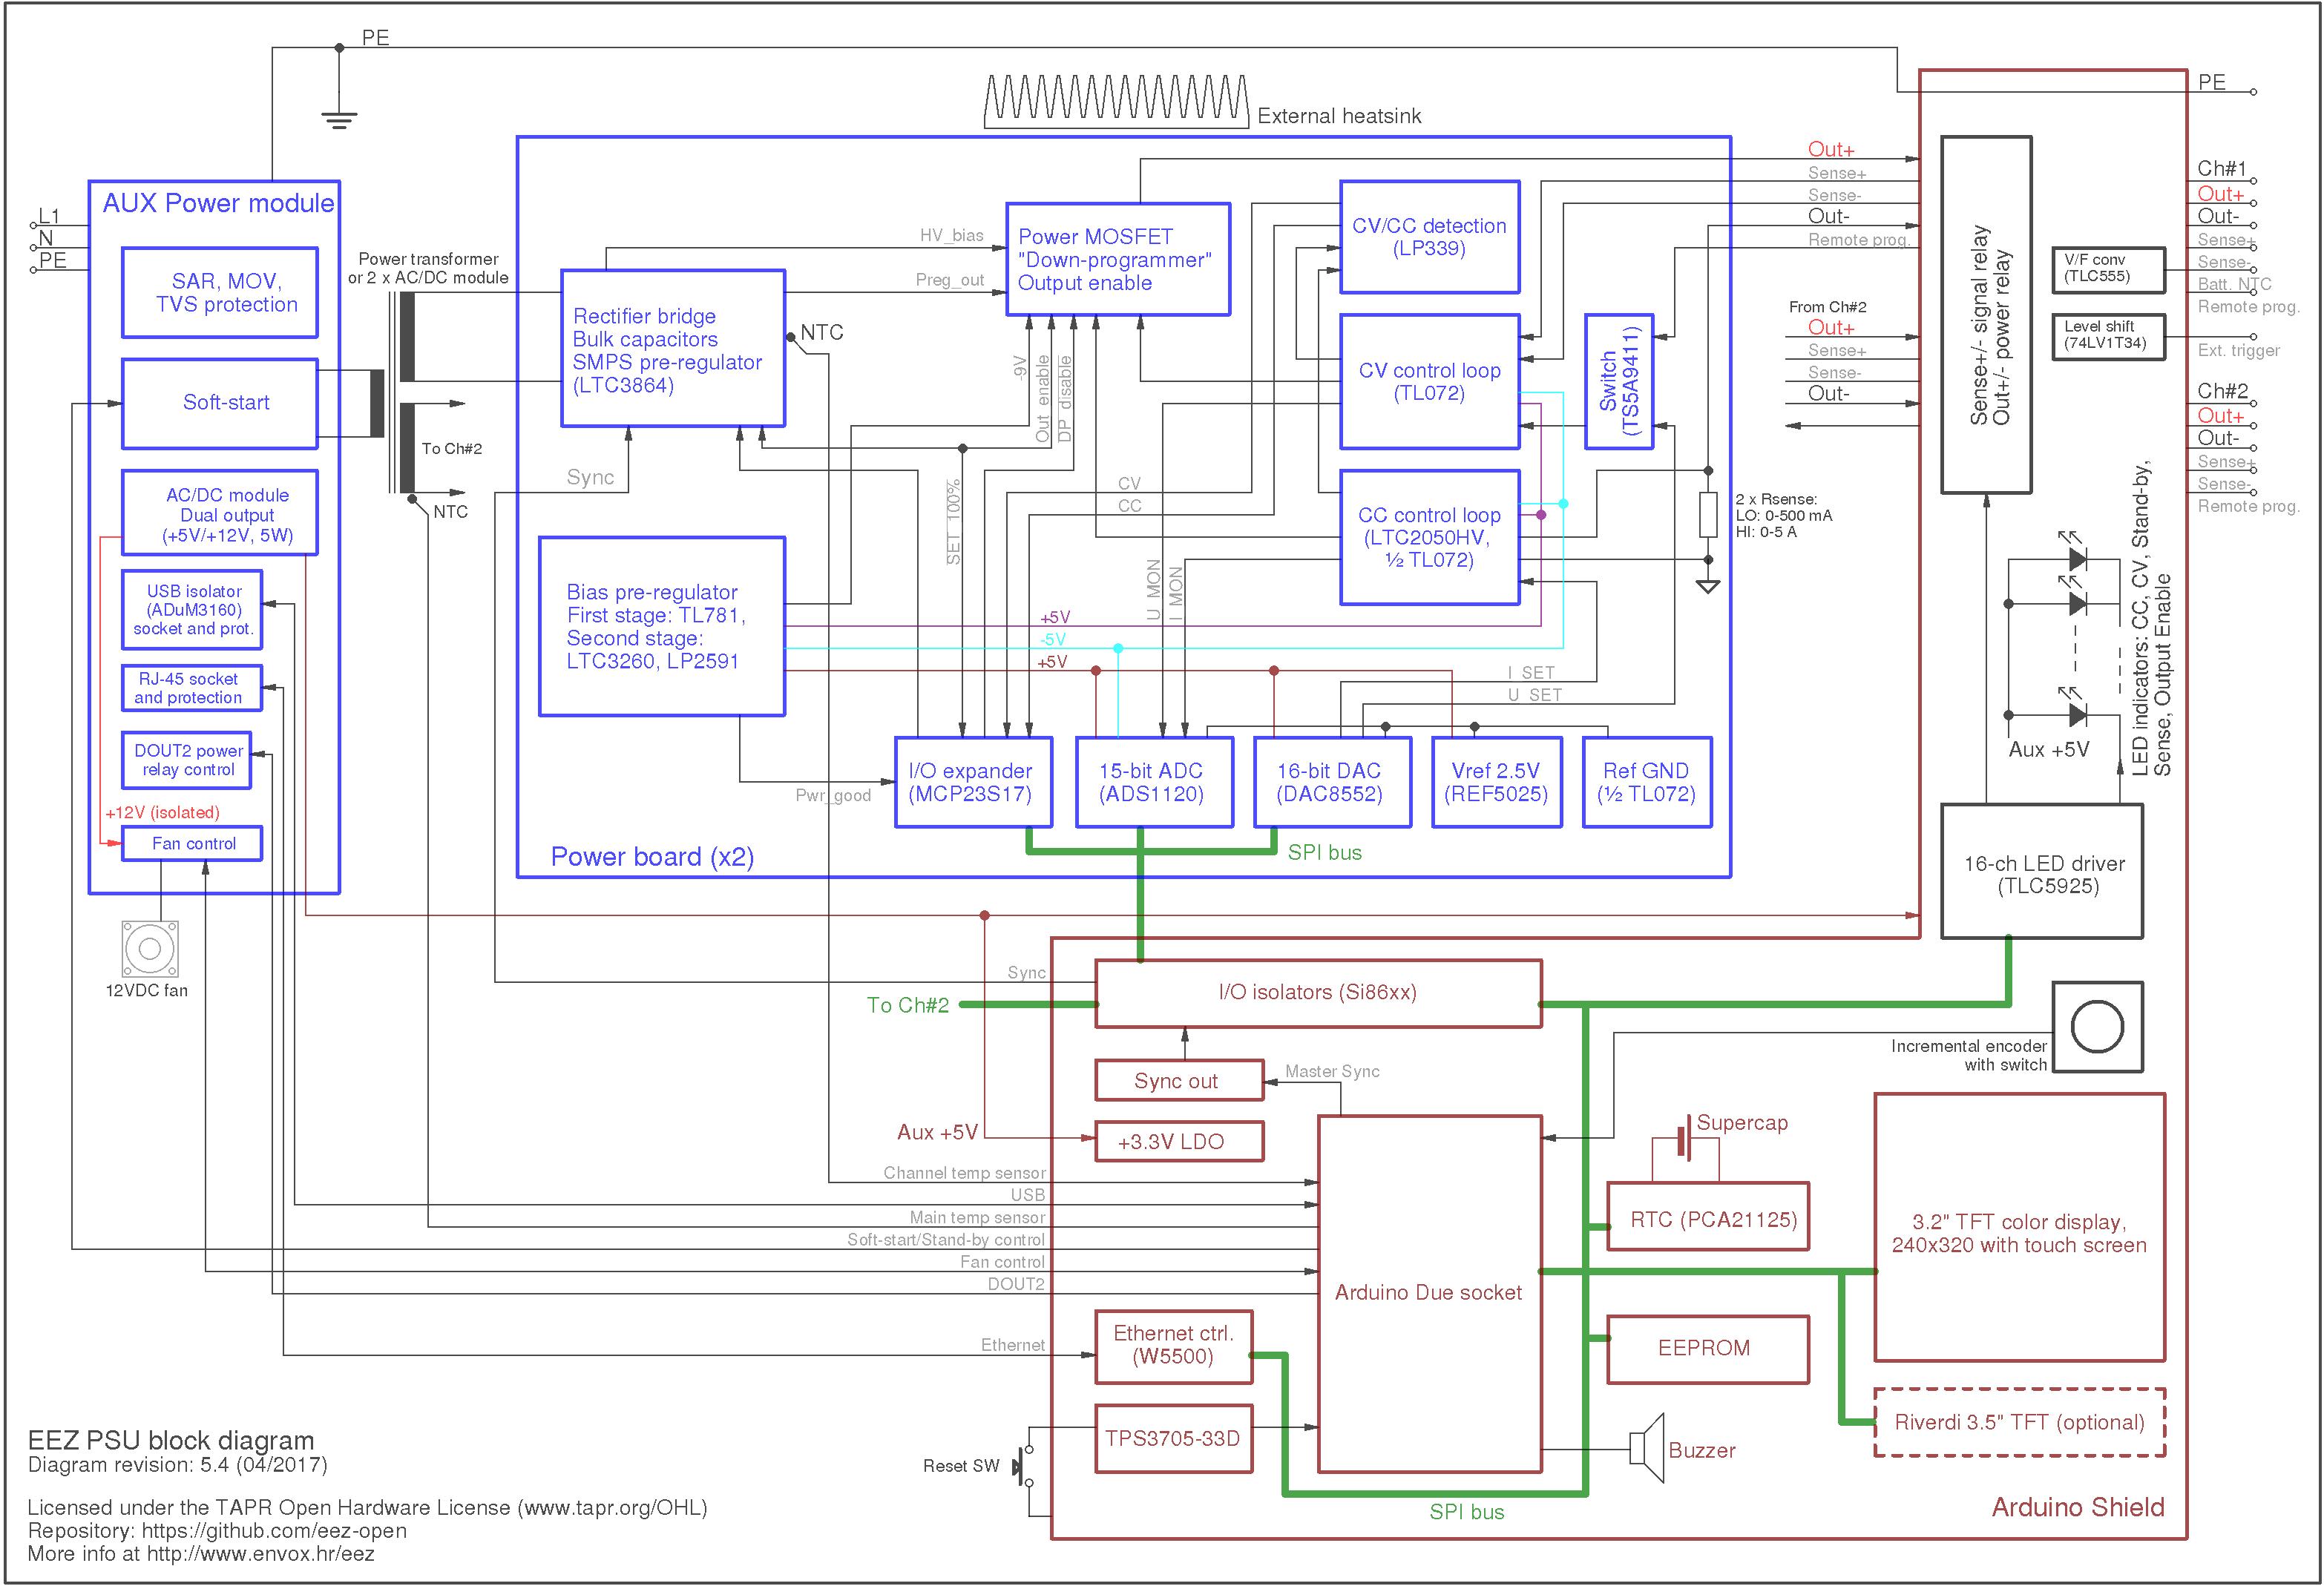 eez_psu_block_diagram_5_4.png